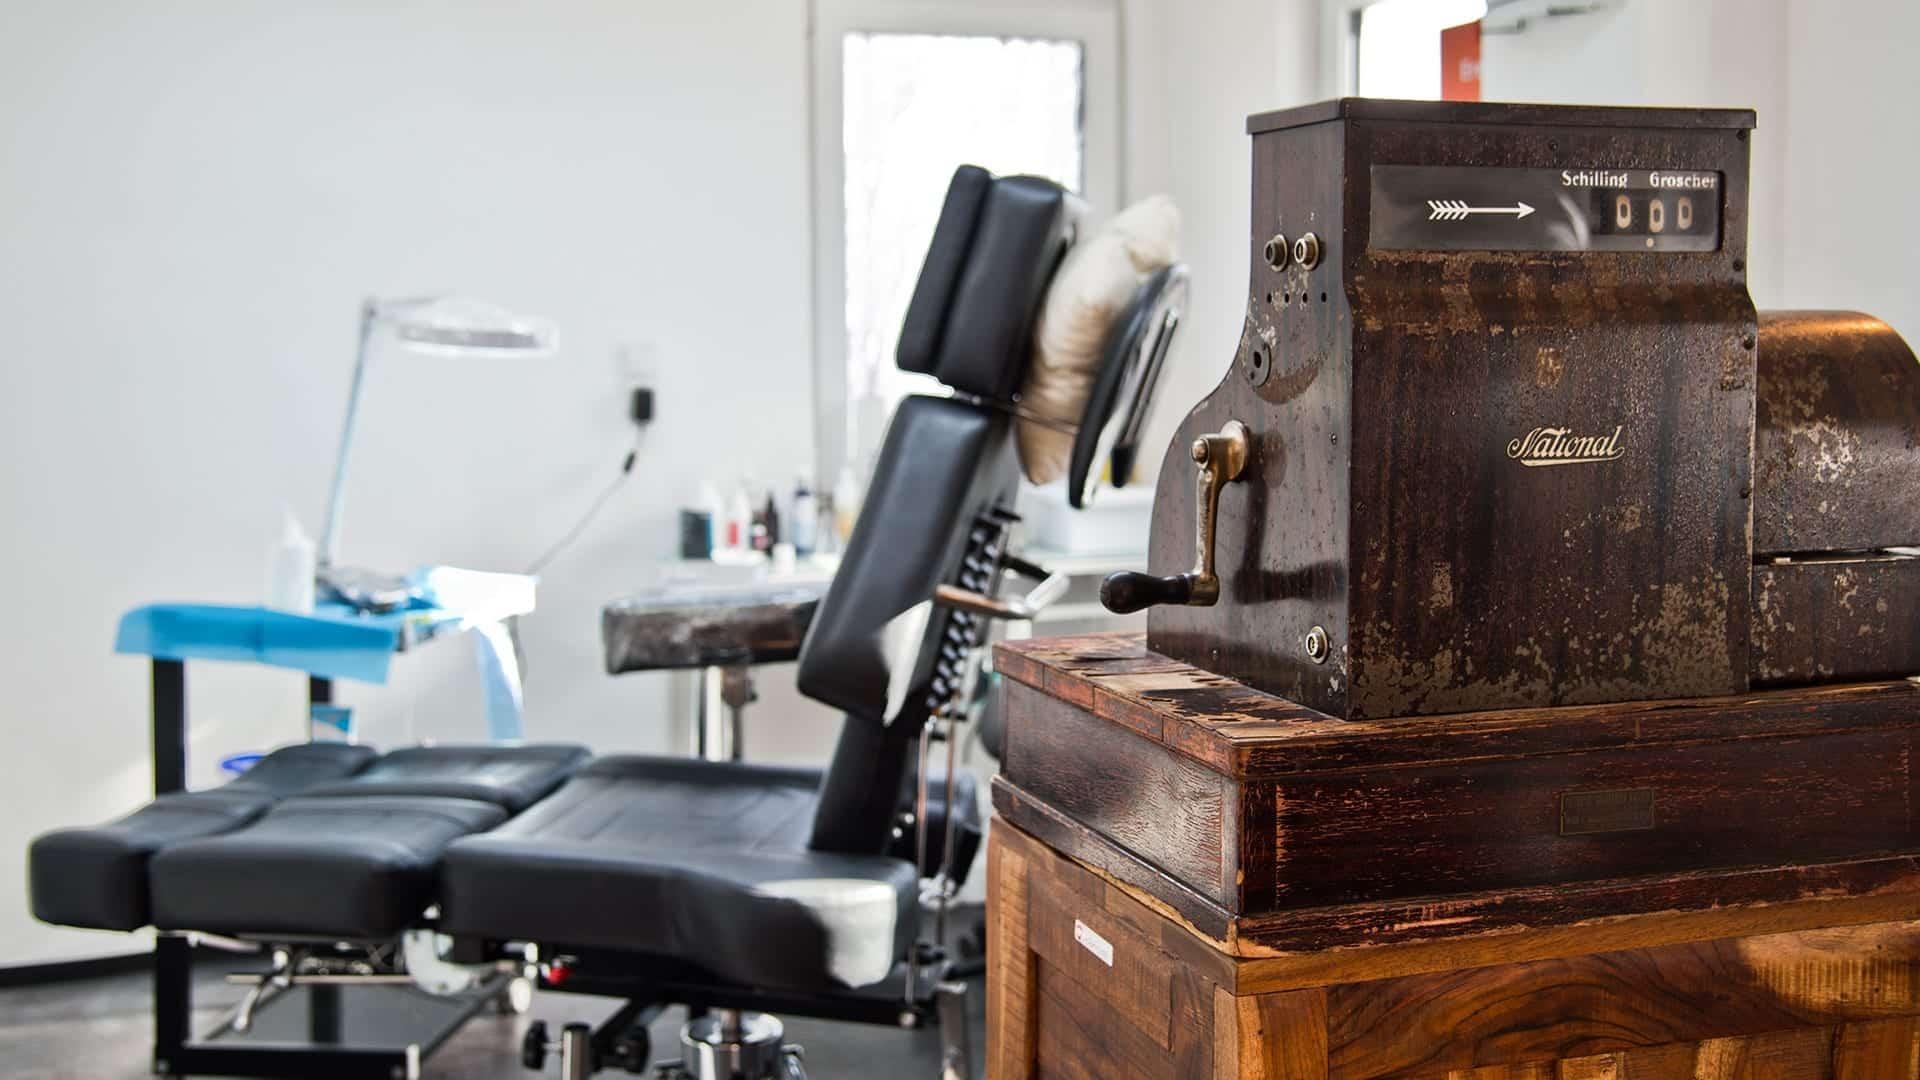 studio-tattoostuhl-farbe